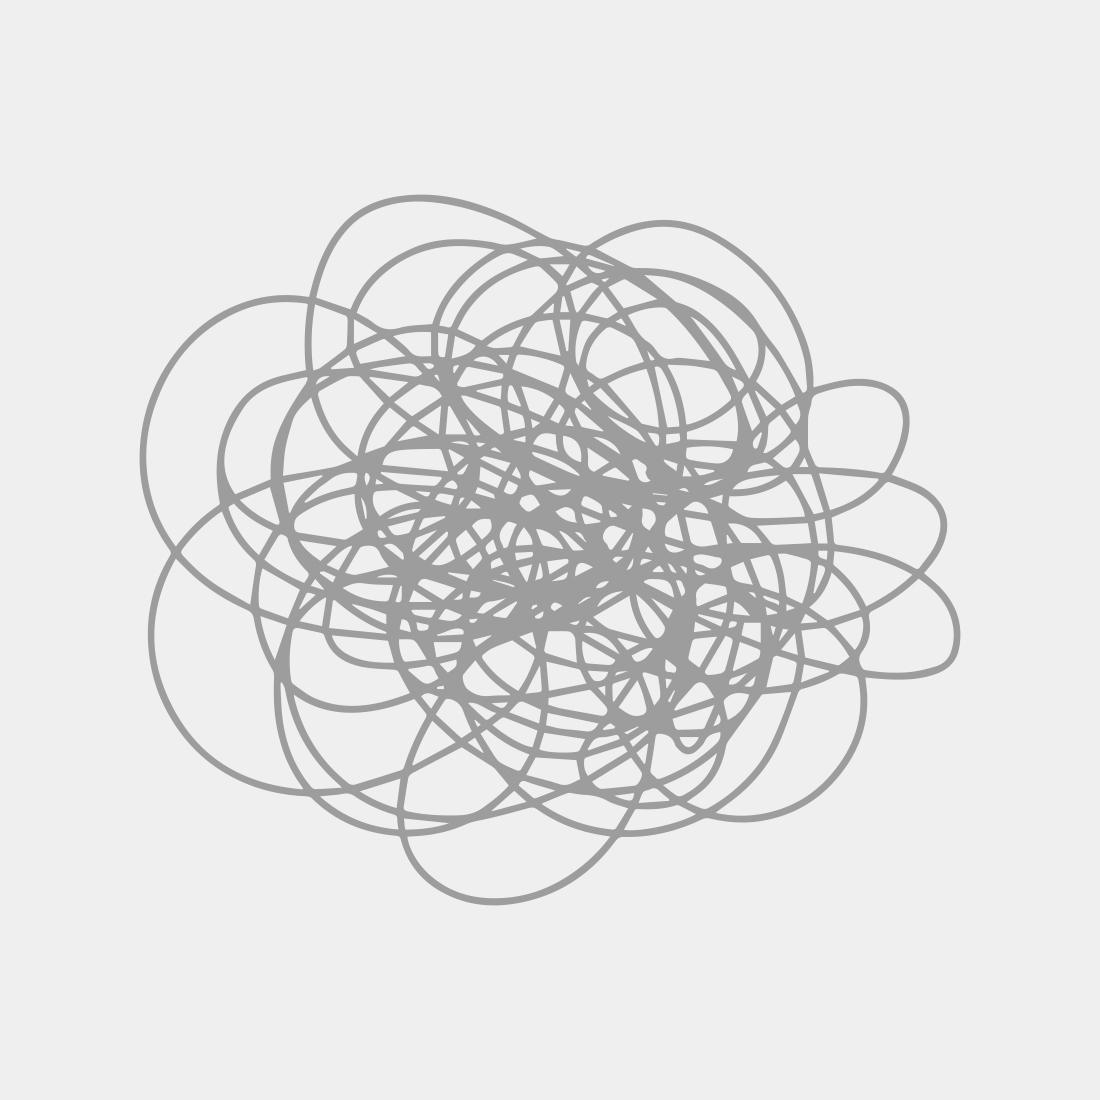 Alvar Aalto 1978 Exhibition Poster